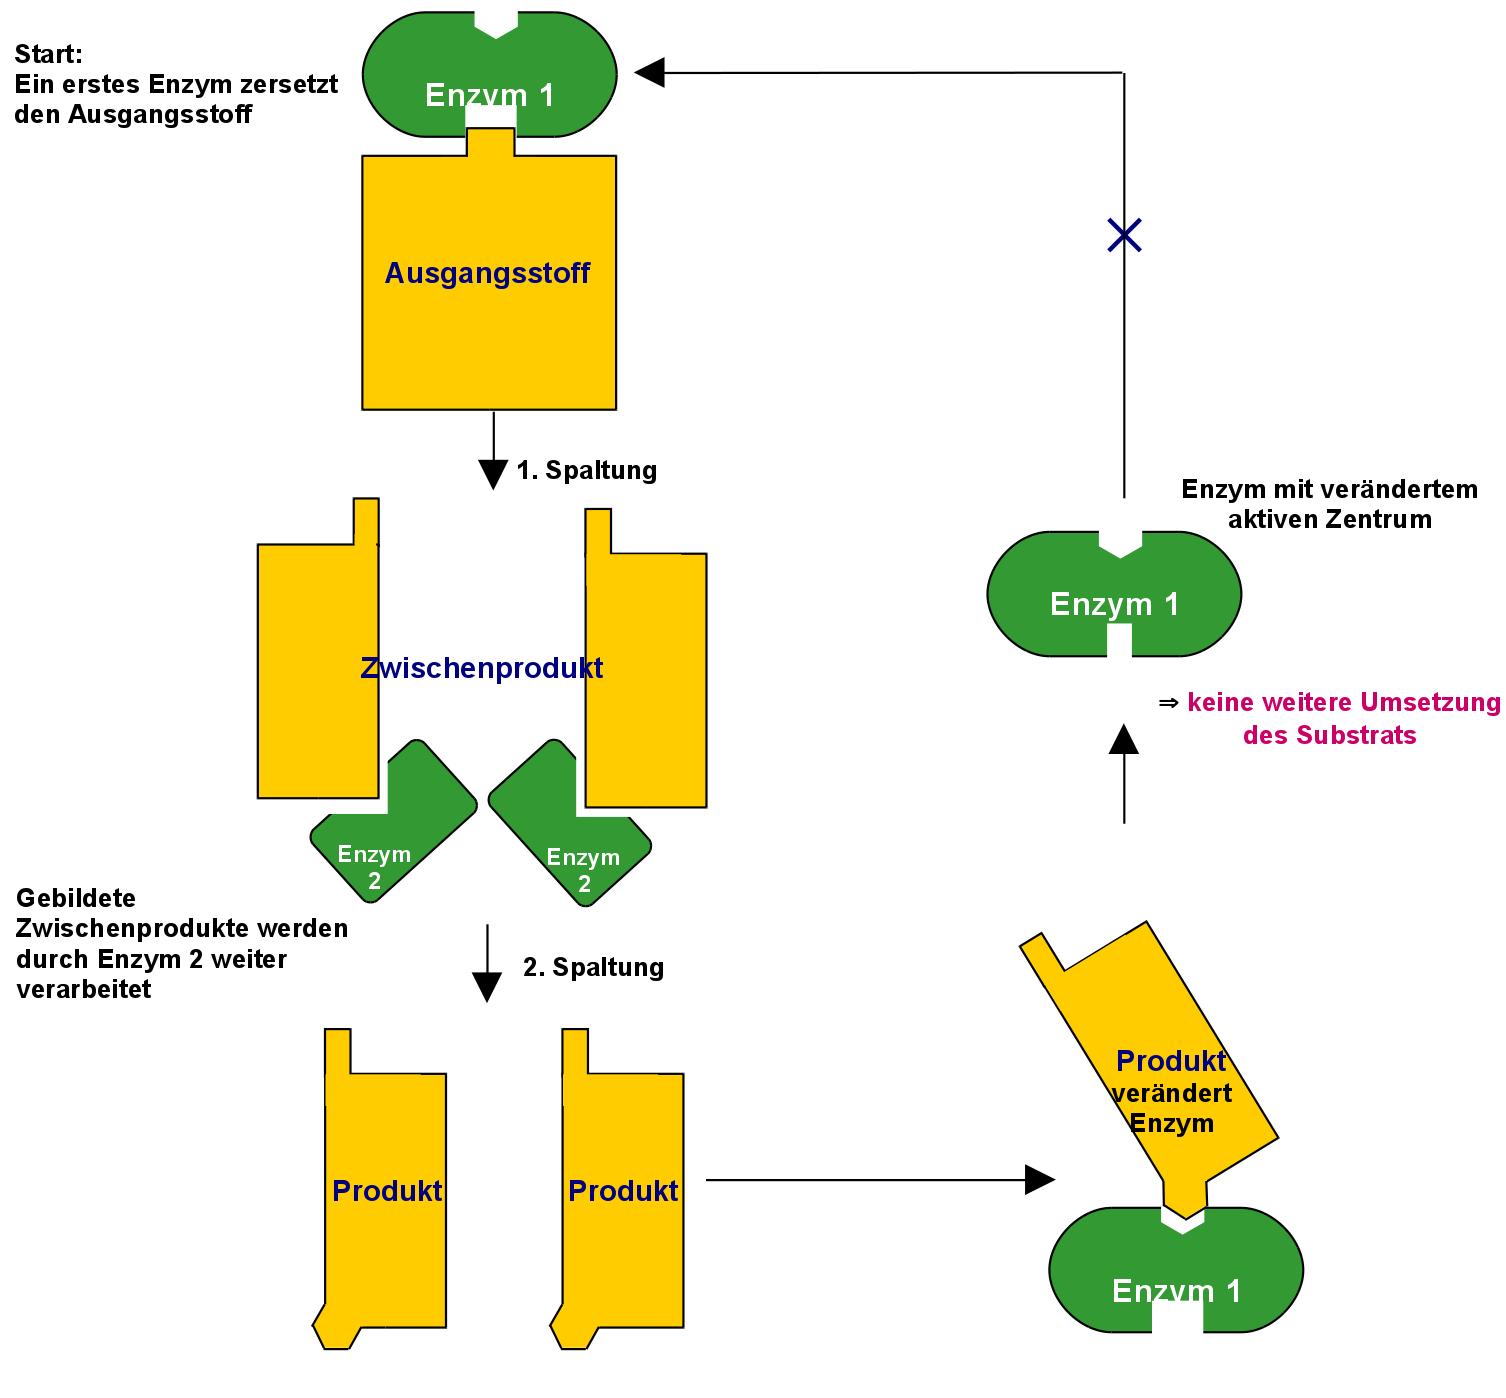 Freies Lehrbuch Biologie 08 13 Aminosauren Eiweisse Enzyme Und Die Biokatalyse